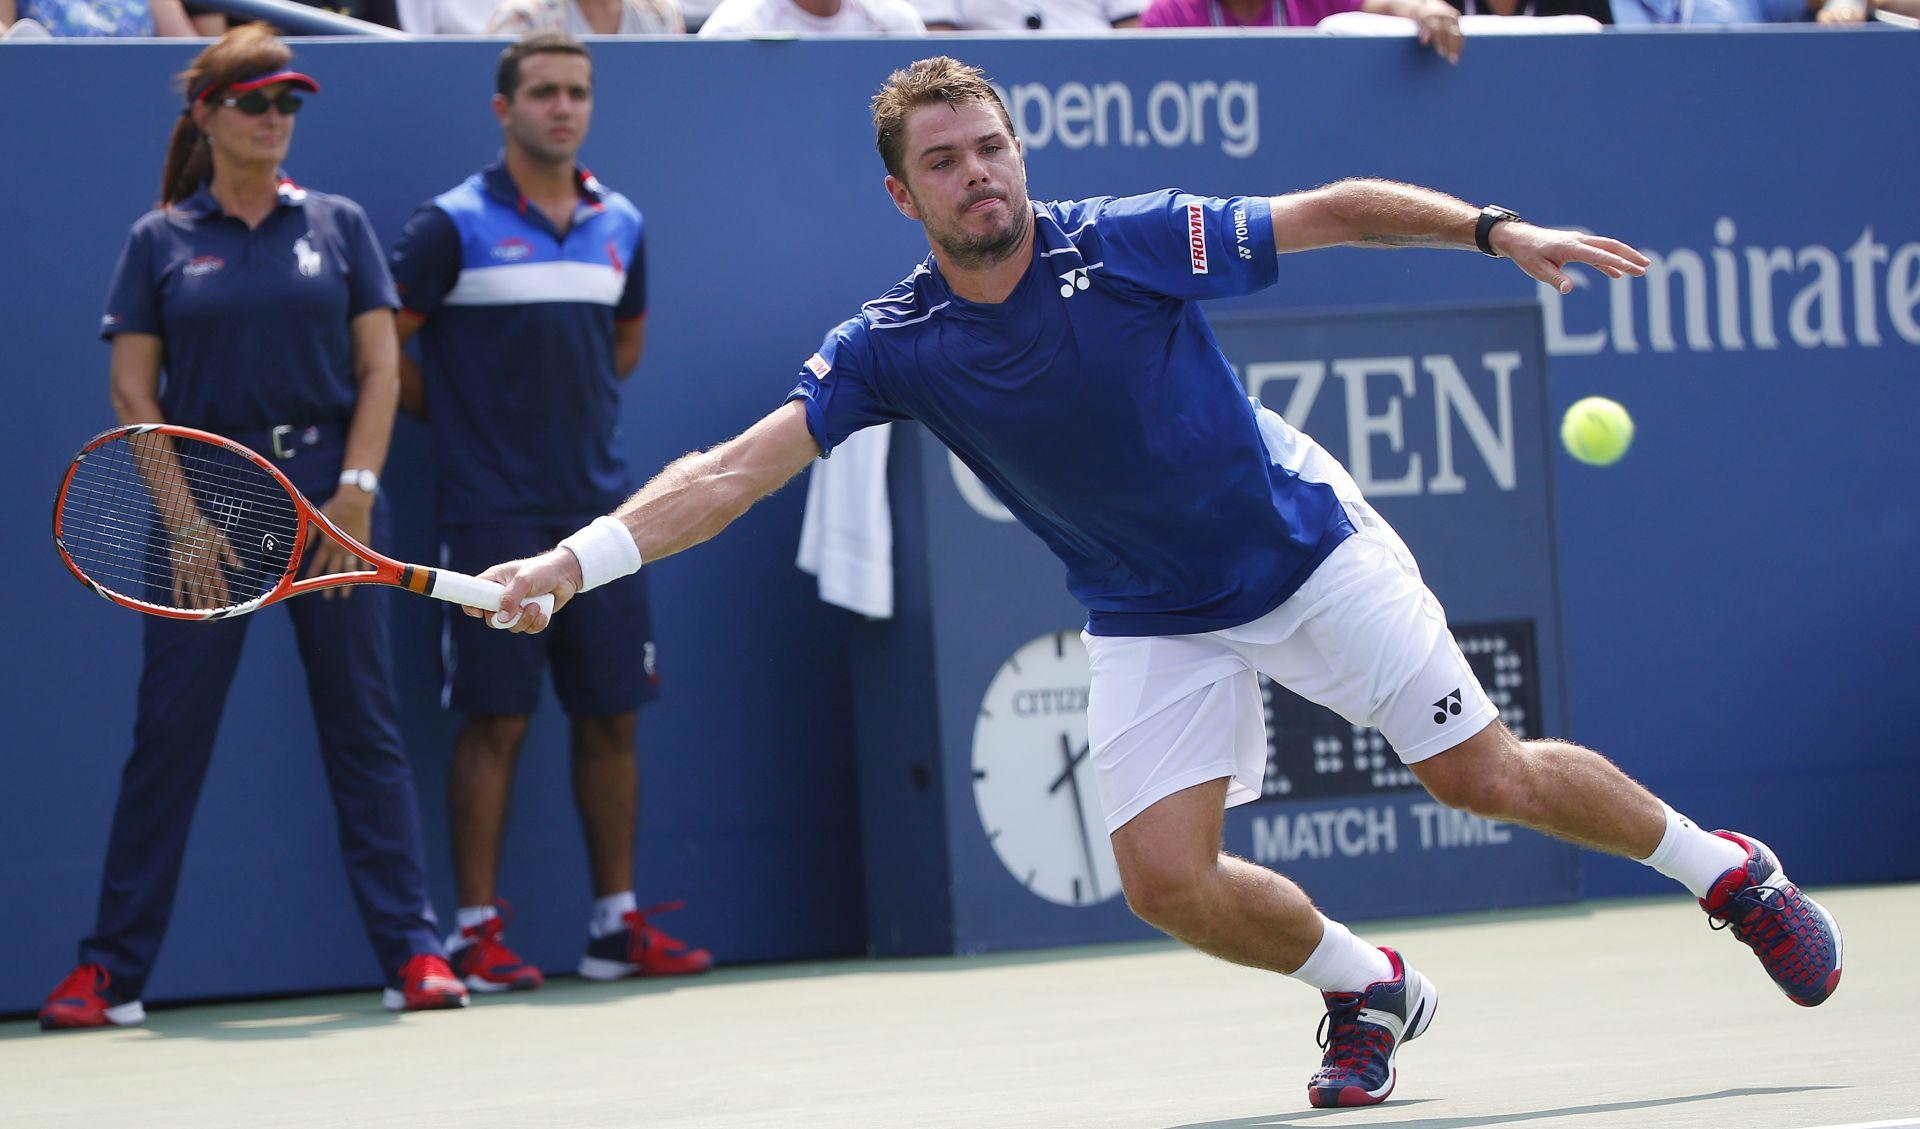 WAWRINKA: ATP bi se trebao ugledati na WTA i uvesti pauze između setova po teškim vremenskim uvjetima